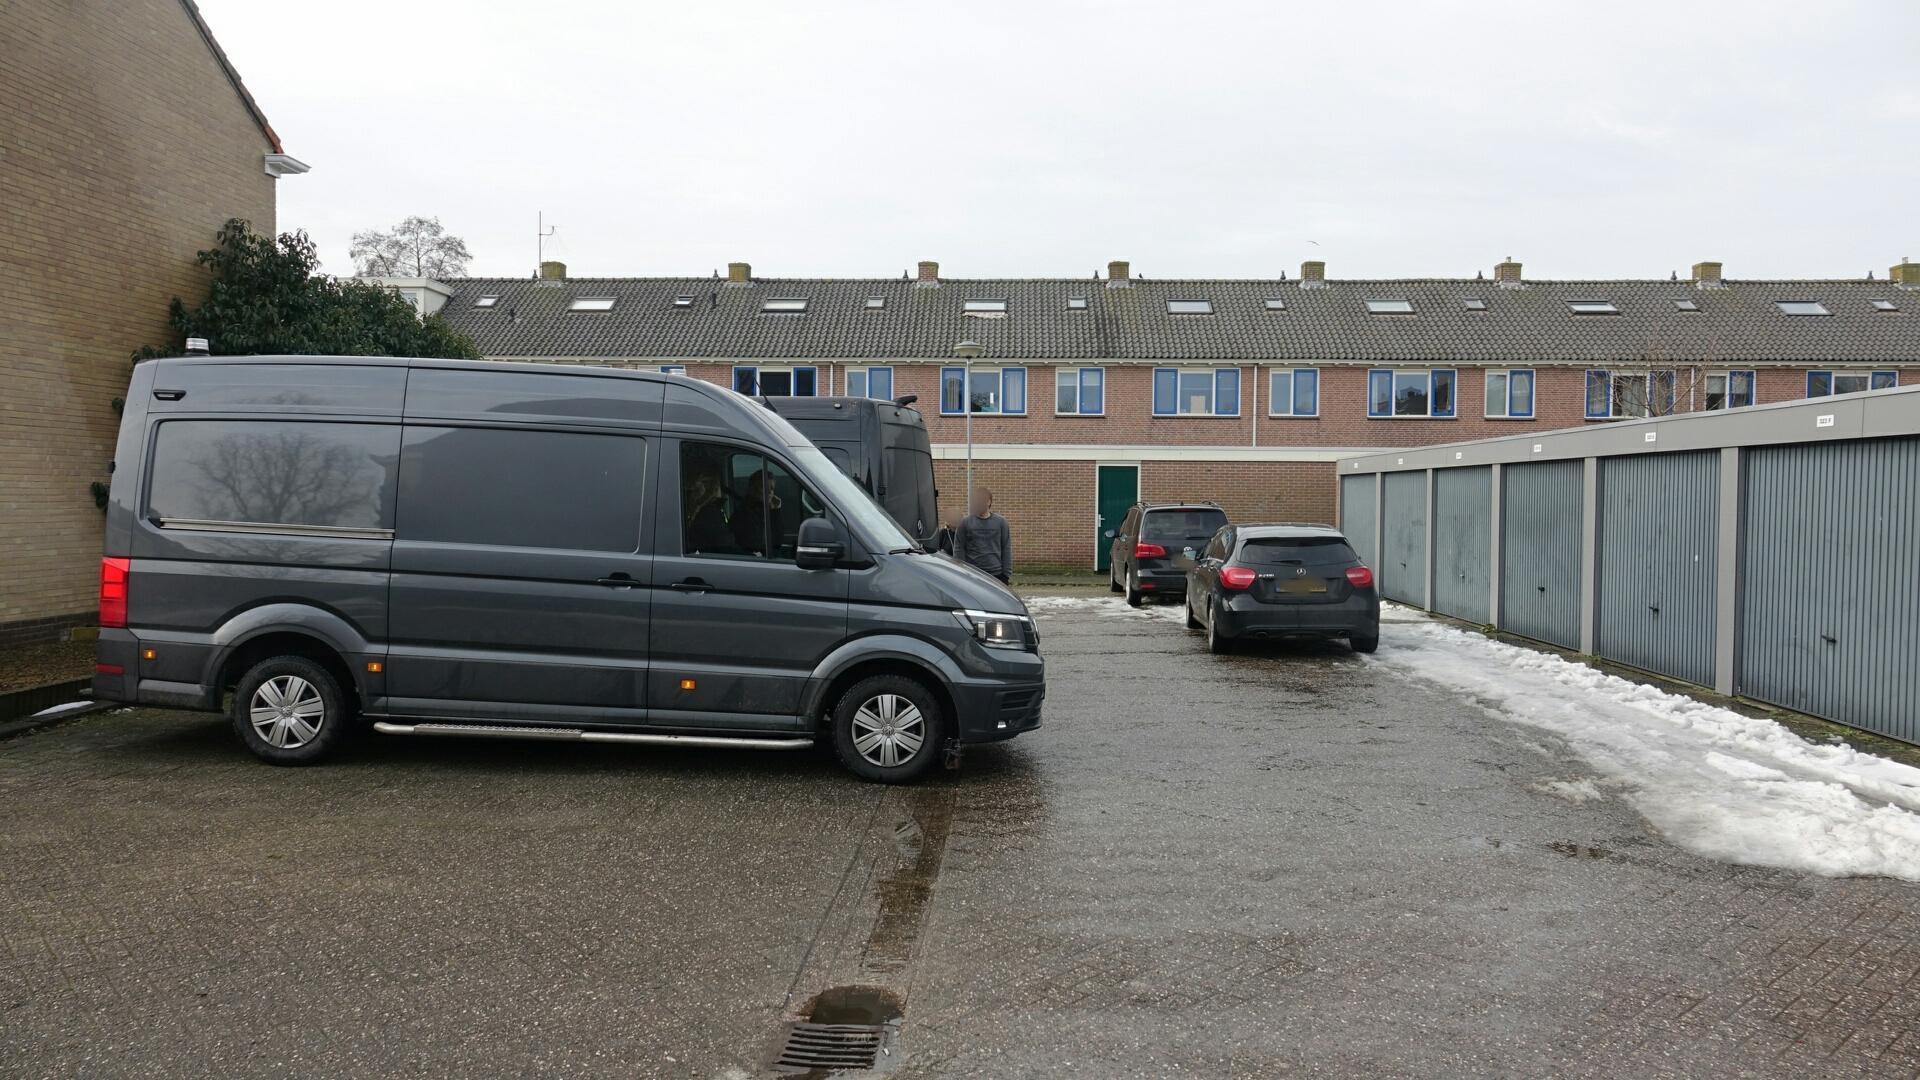 Politie doet inval bij garagebox in Bovenkarspel